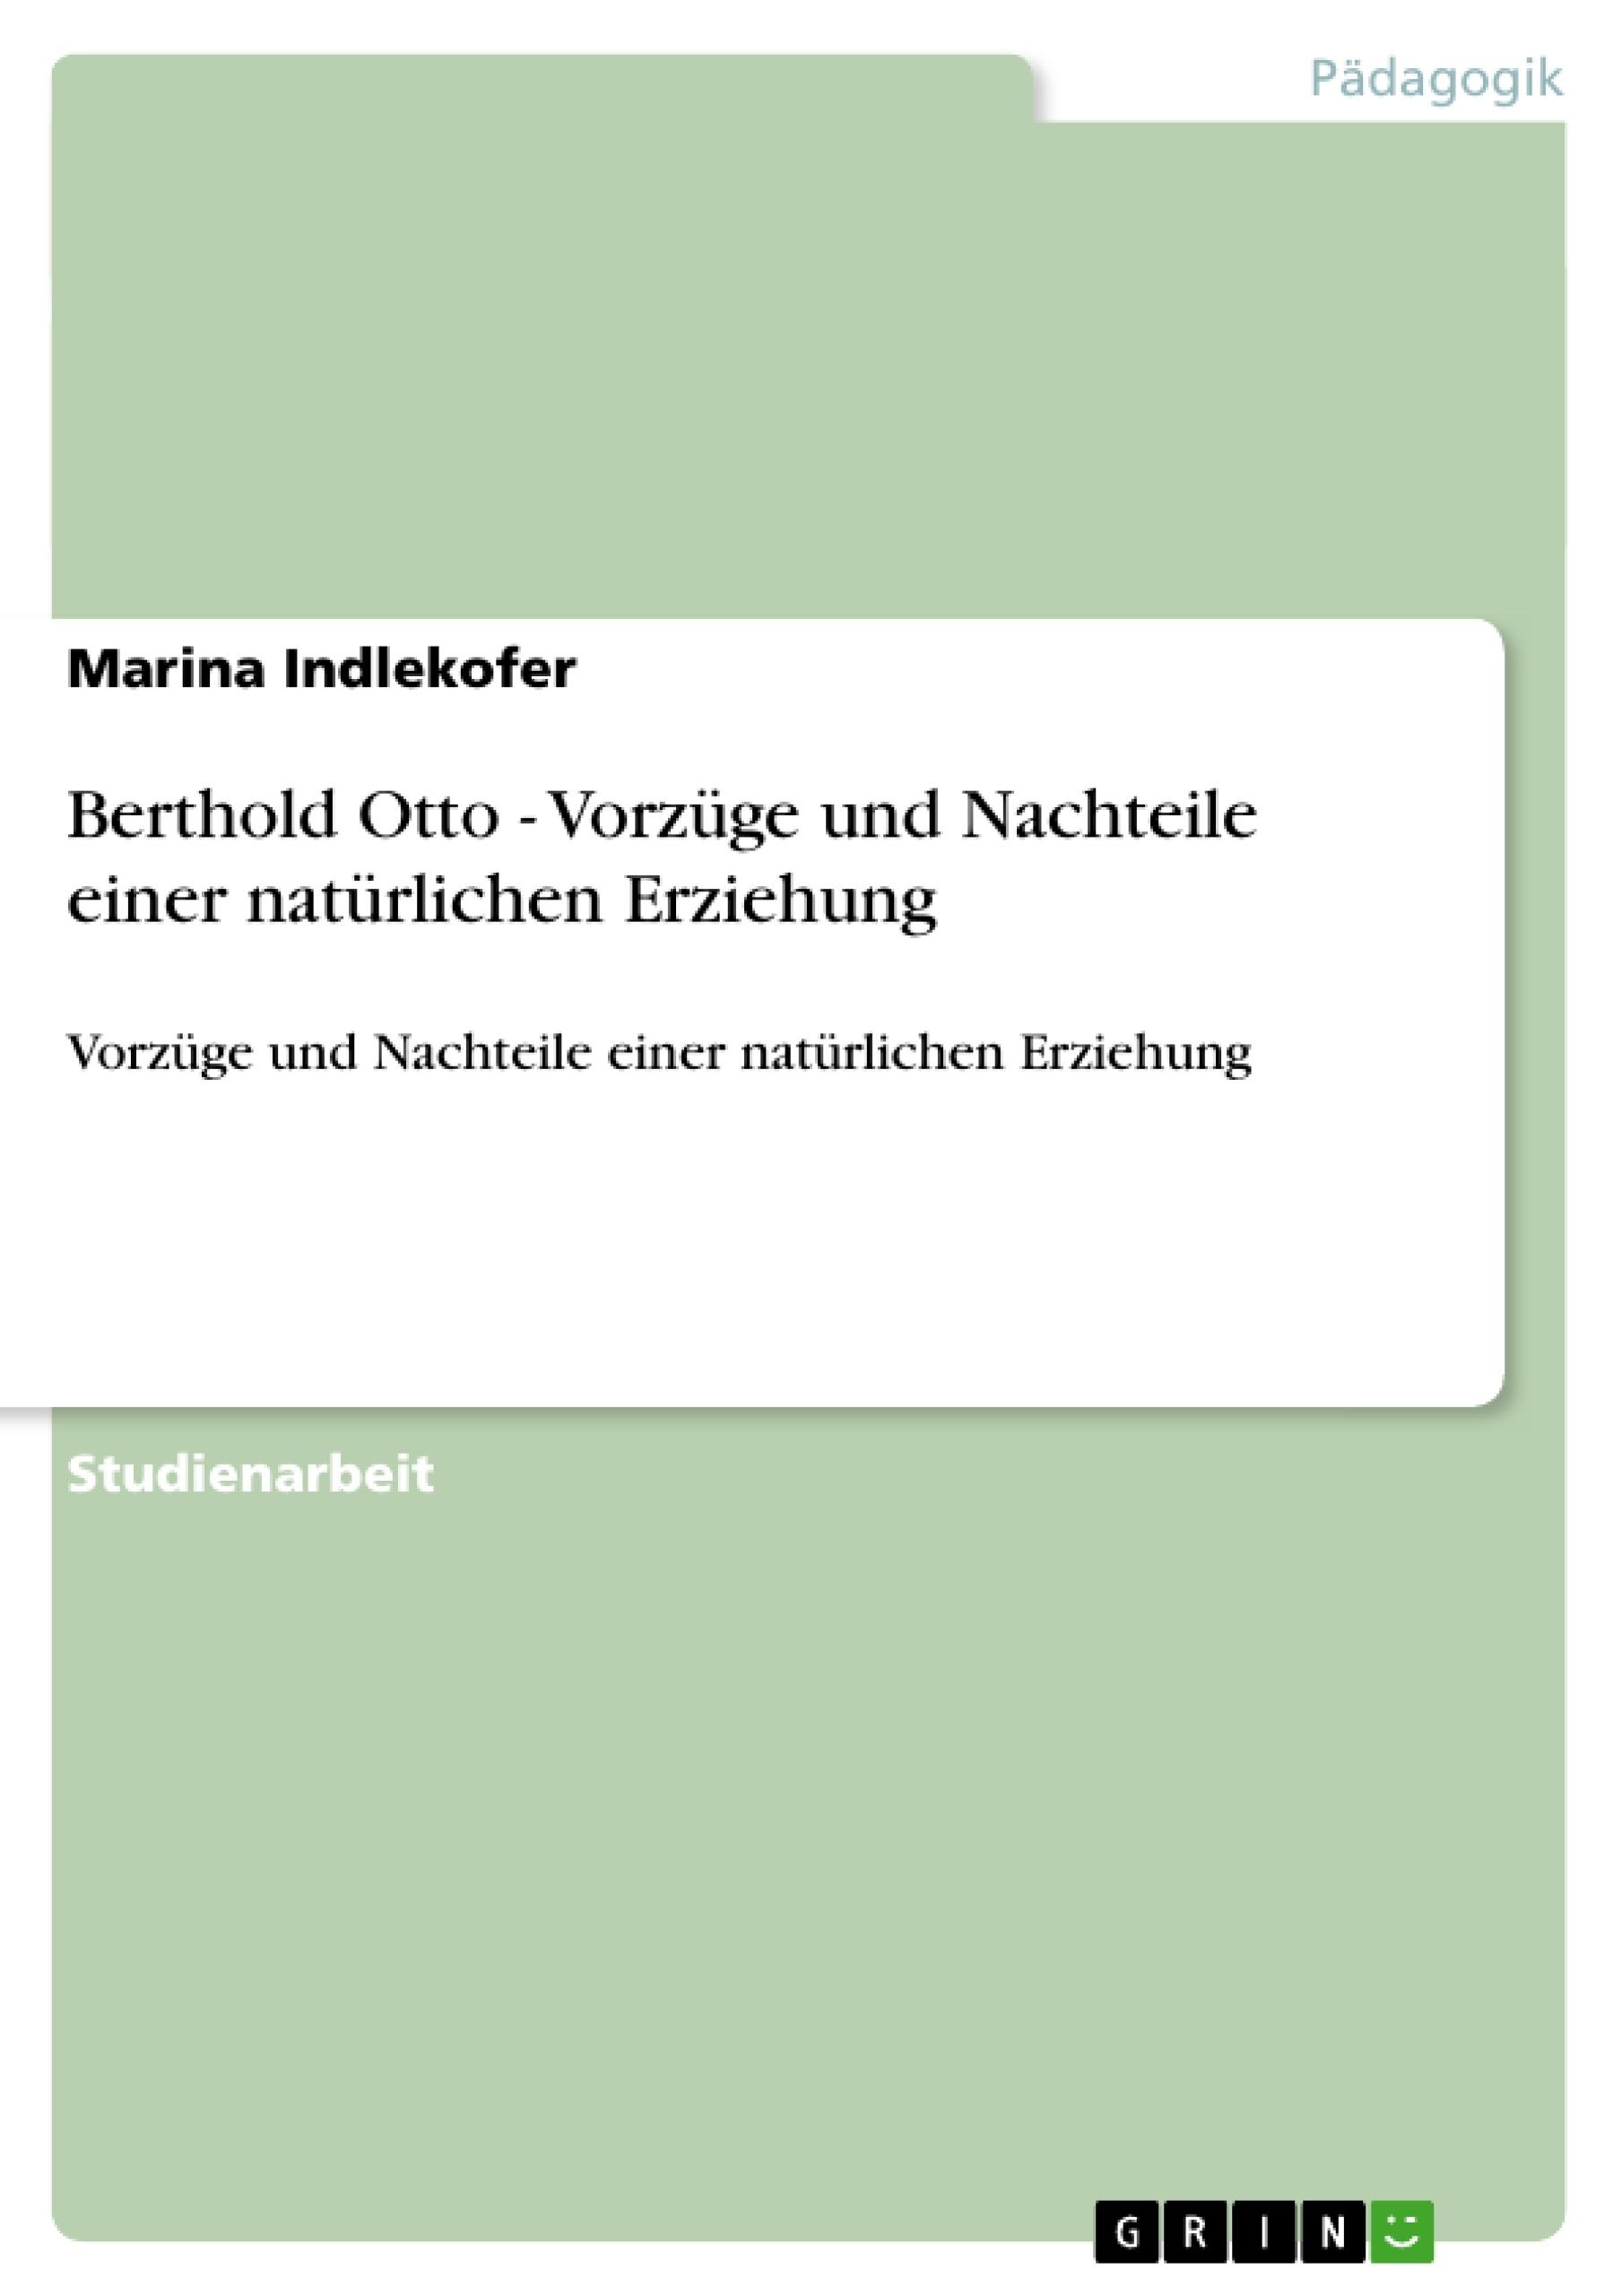 Titel: Berthold Otto - Vorzüge und Nachteile einer natürlichen Erziehung